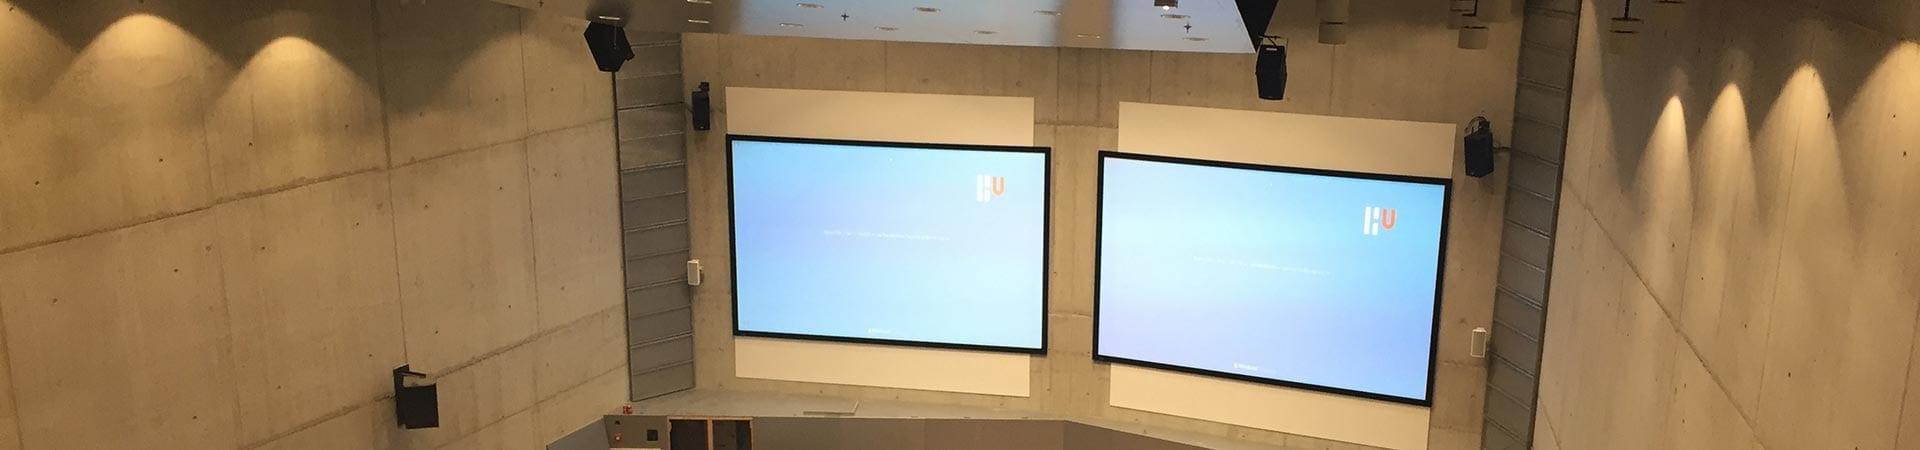 Auditorium - Heuvelman